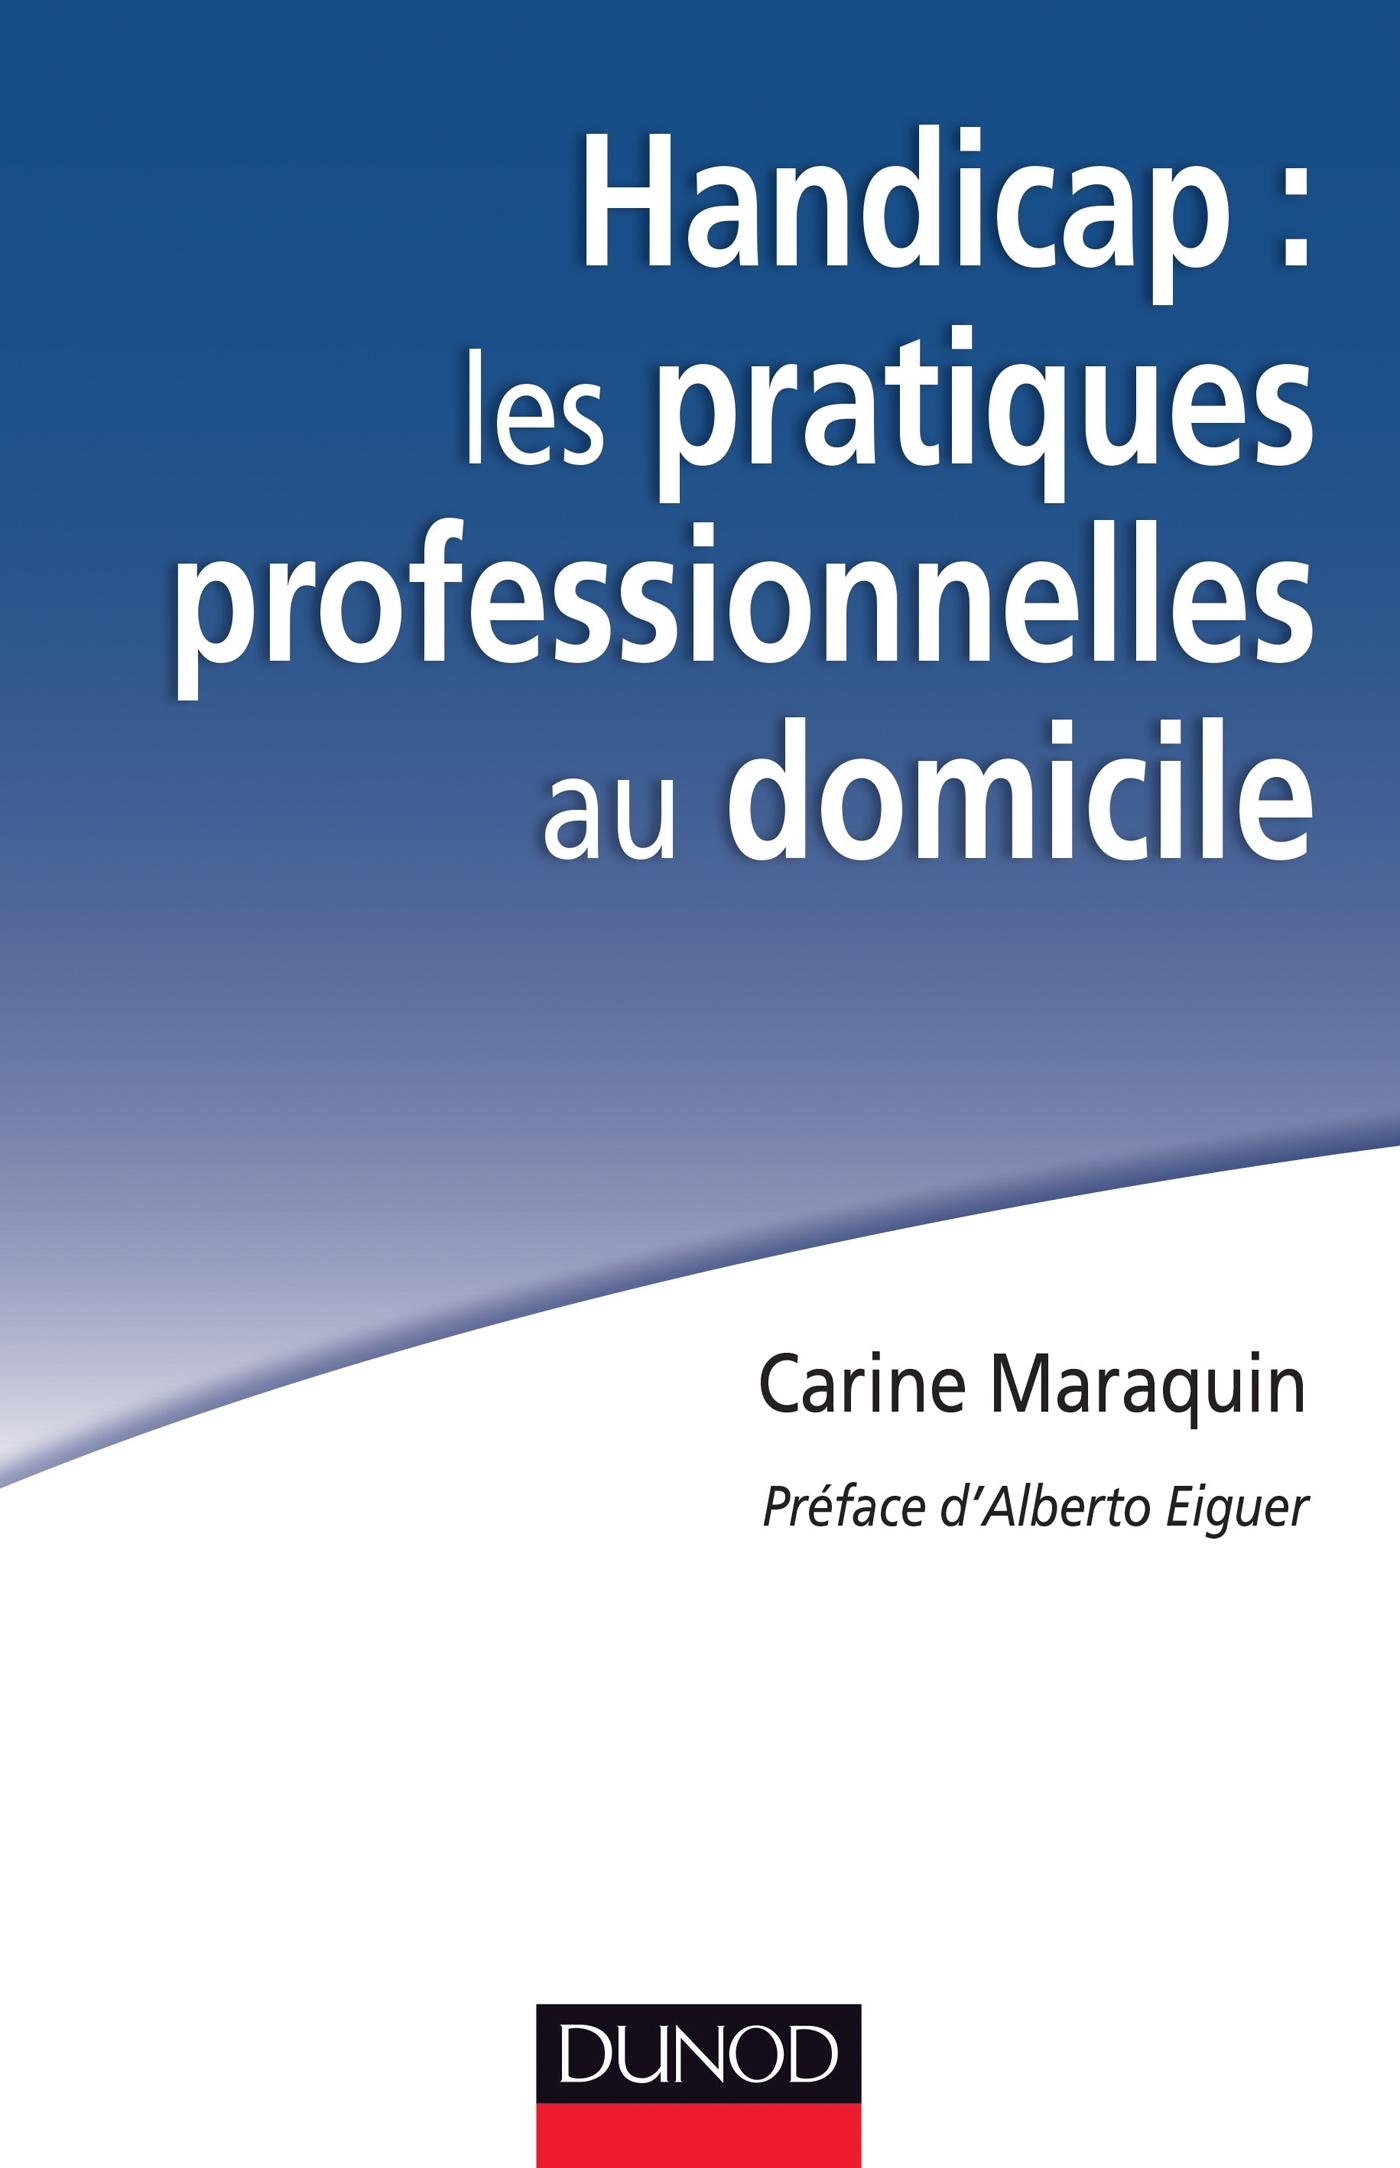 HANDICAP : LES PRATIQUES PROFESSIONNELLES AU DOMICILE